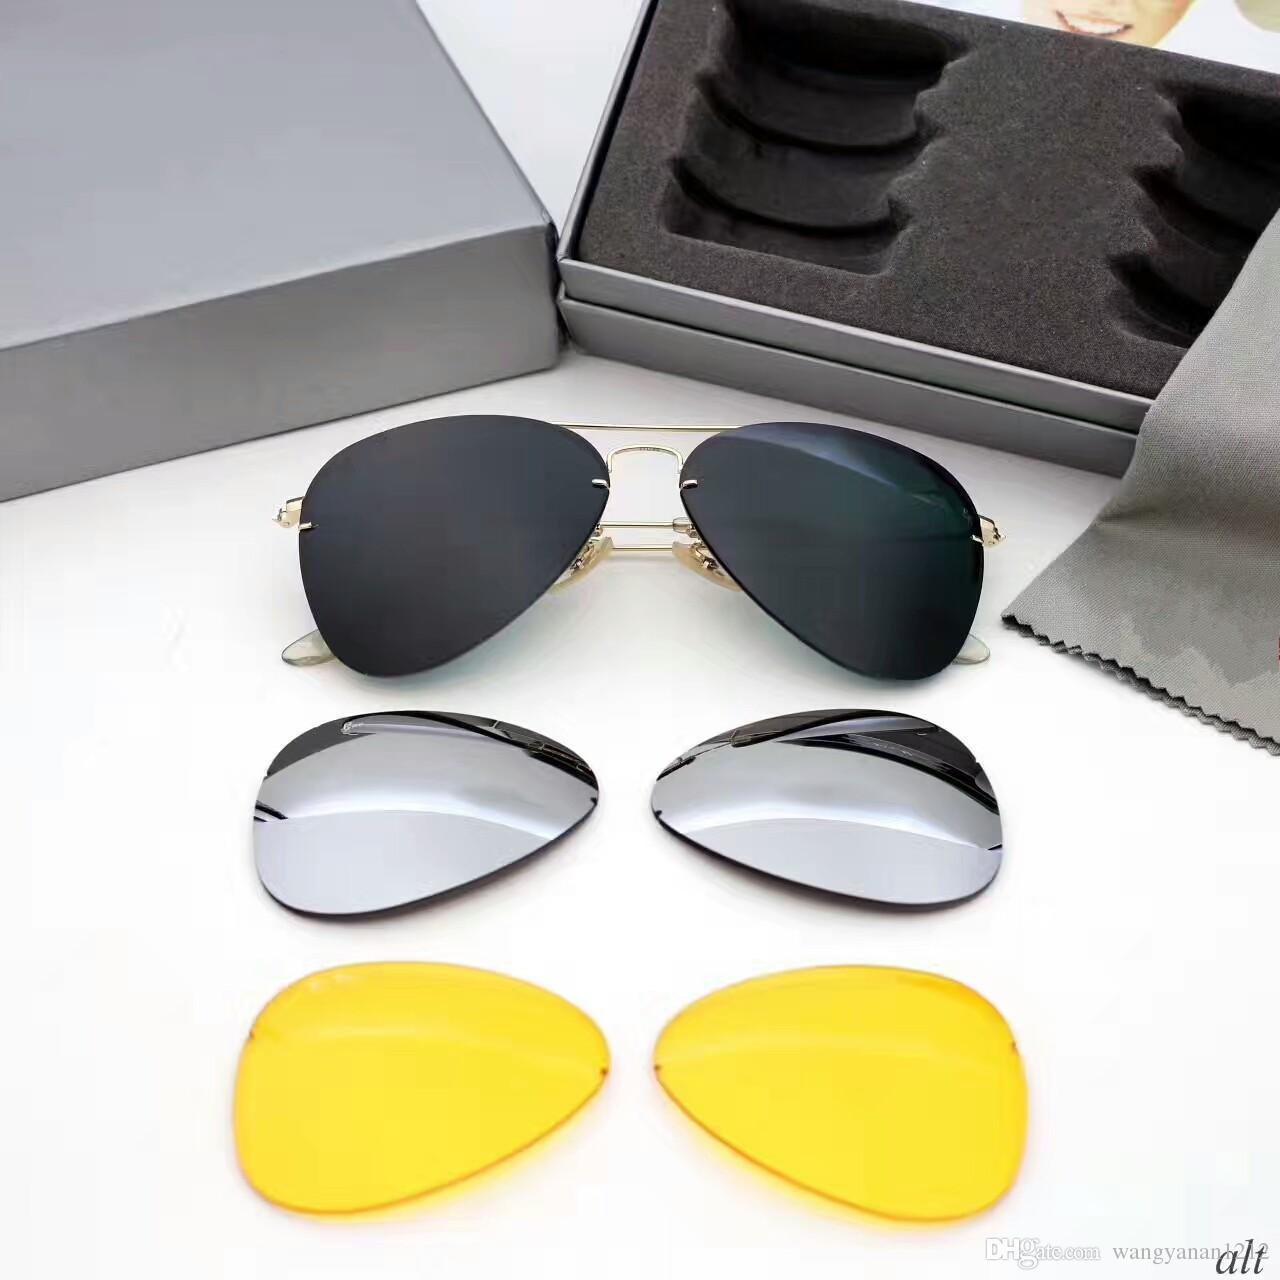 da1738dd92 Compre Nuevas Gafas De Sol De Diseñador 3 Lentes De Sol Para Hombres  Mujeres Gafas De Sol Mujeres Diseñador De Marca UV400 Protección Gafas De  Sol ...